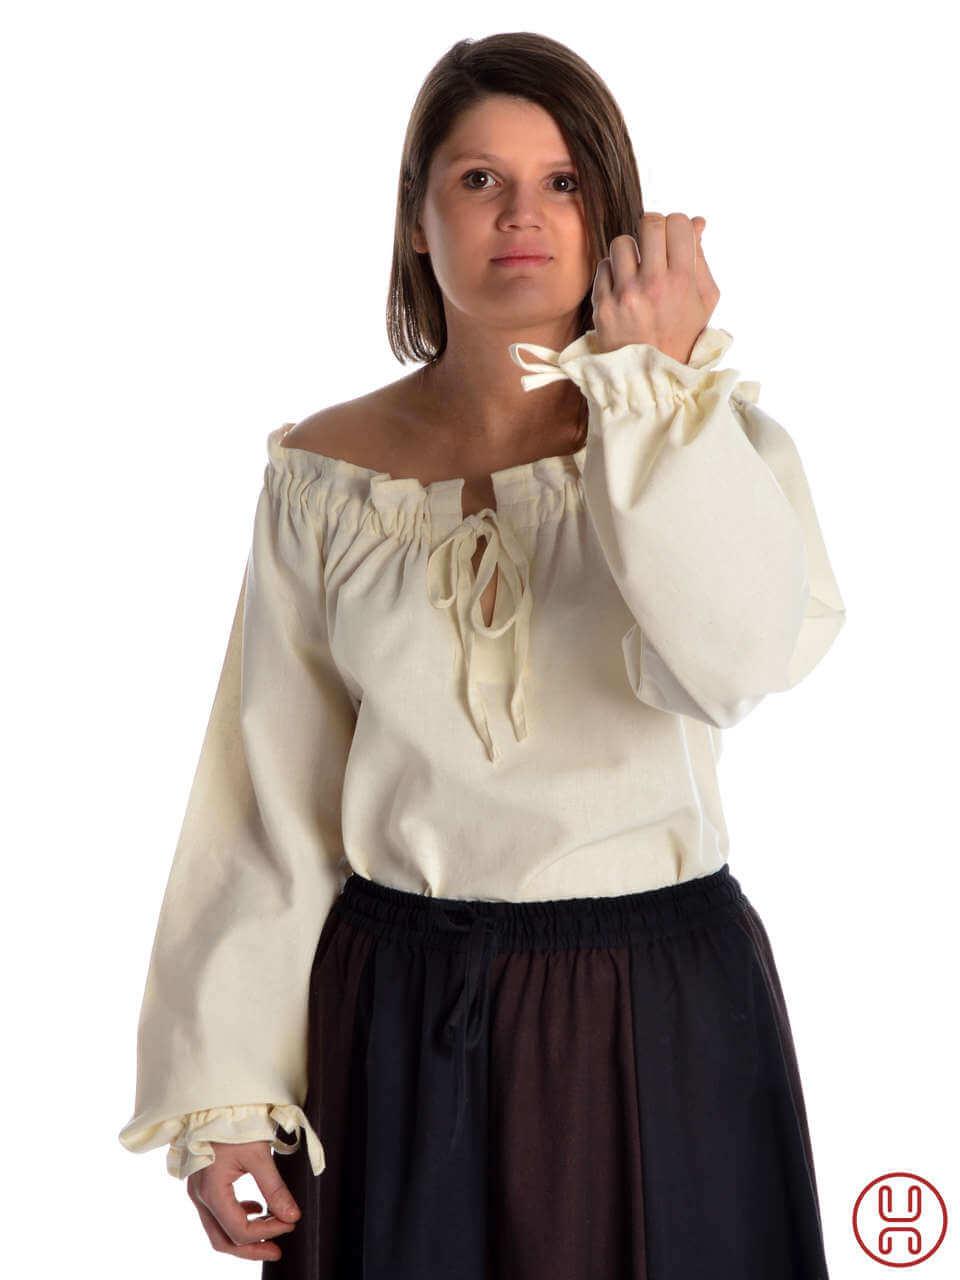 Mittelalter Bluse Gotelinde | HEMAD Gewandungen